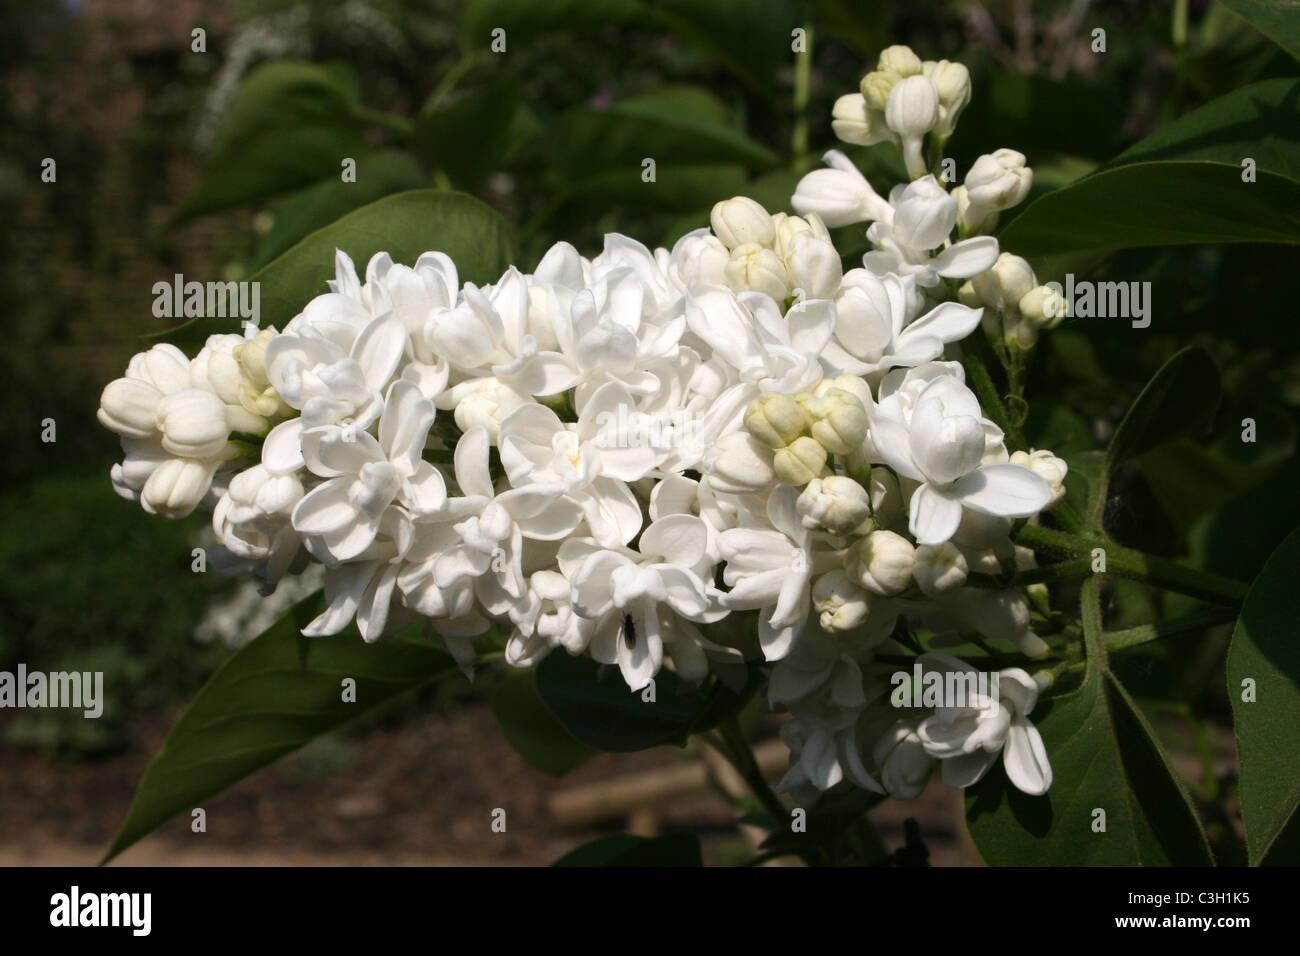 White Lilac Flower Syringa sp. - Stock Image